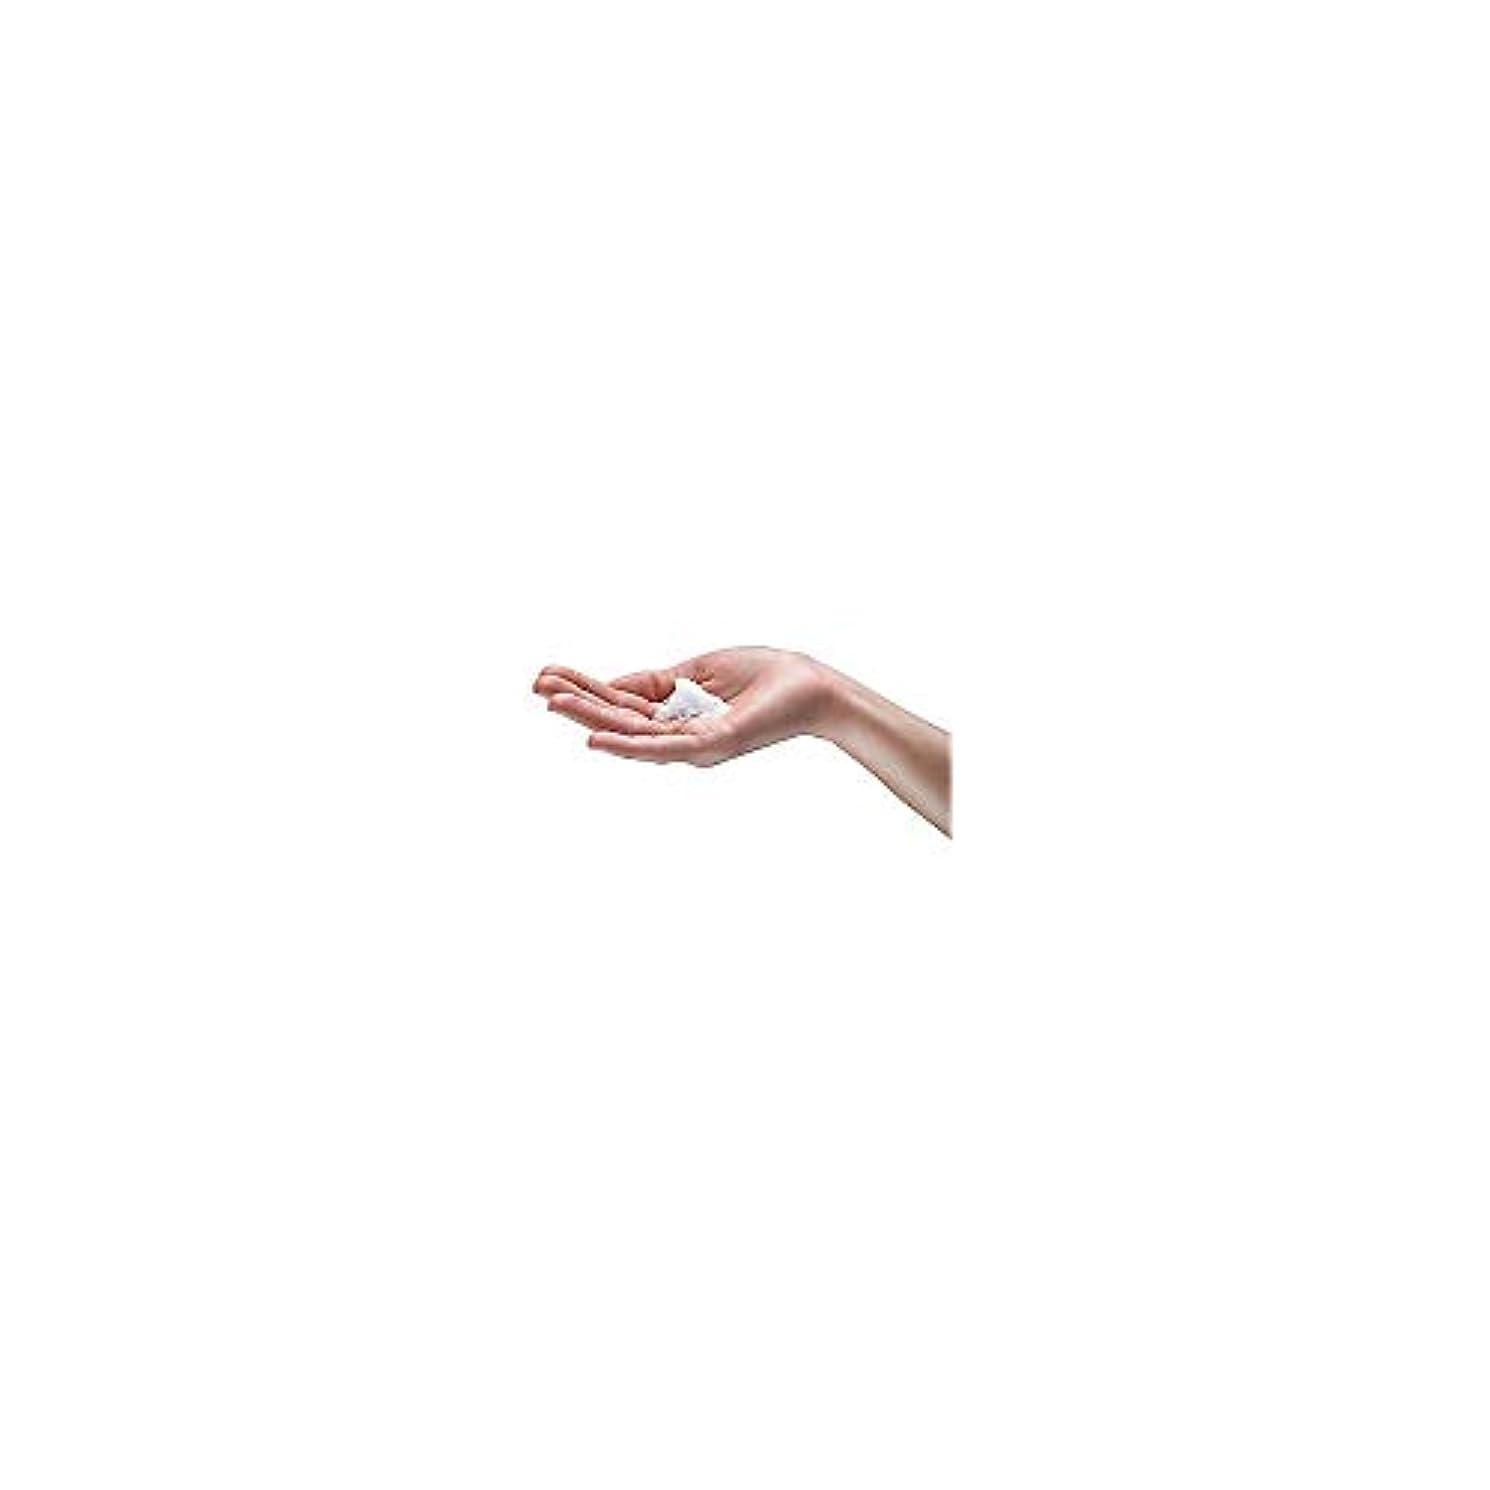 子孫視聴者専門用語goj516503ct – GOJOグリーン認定Foam Soap fmx-12 Refill